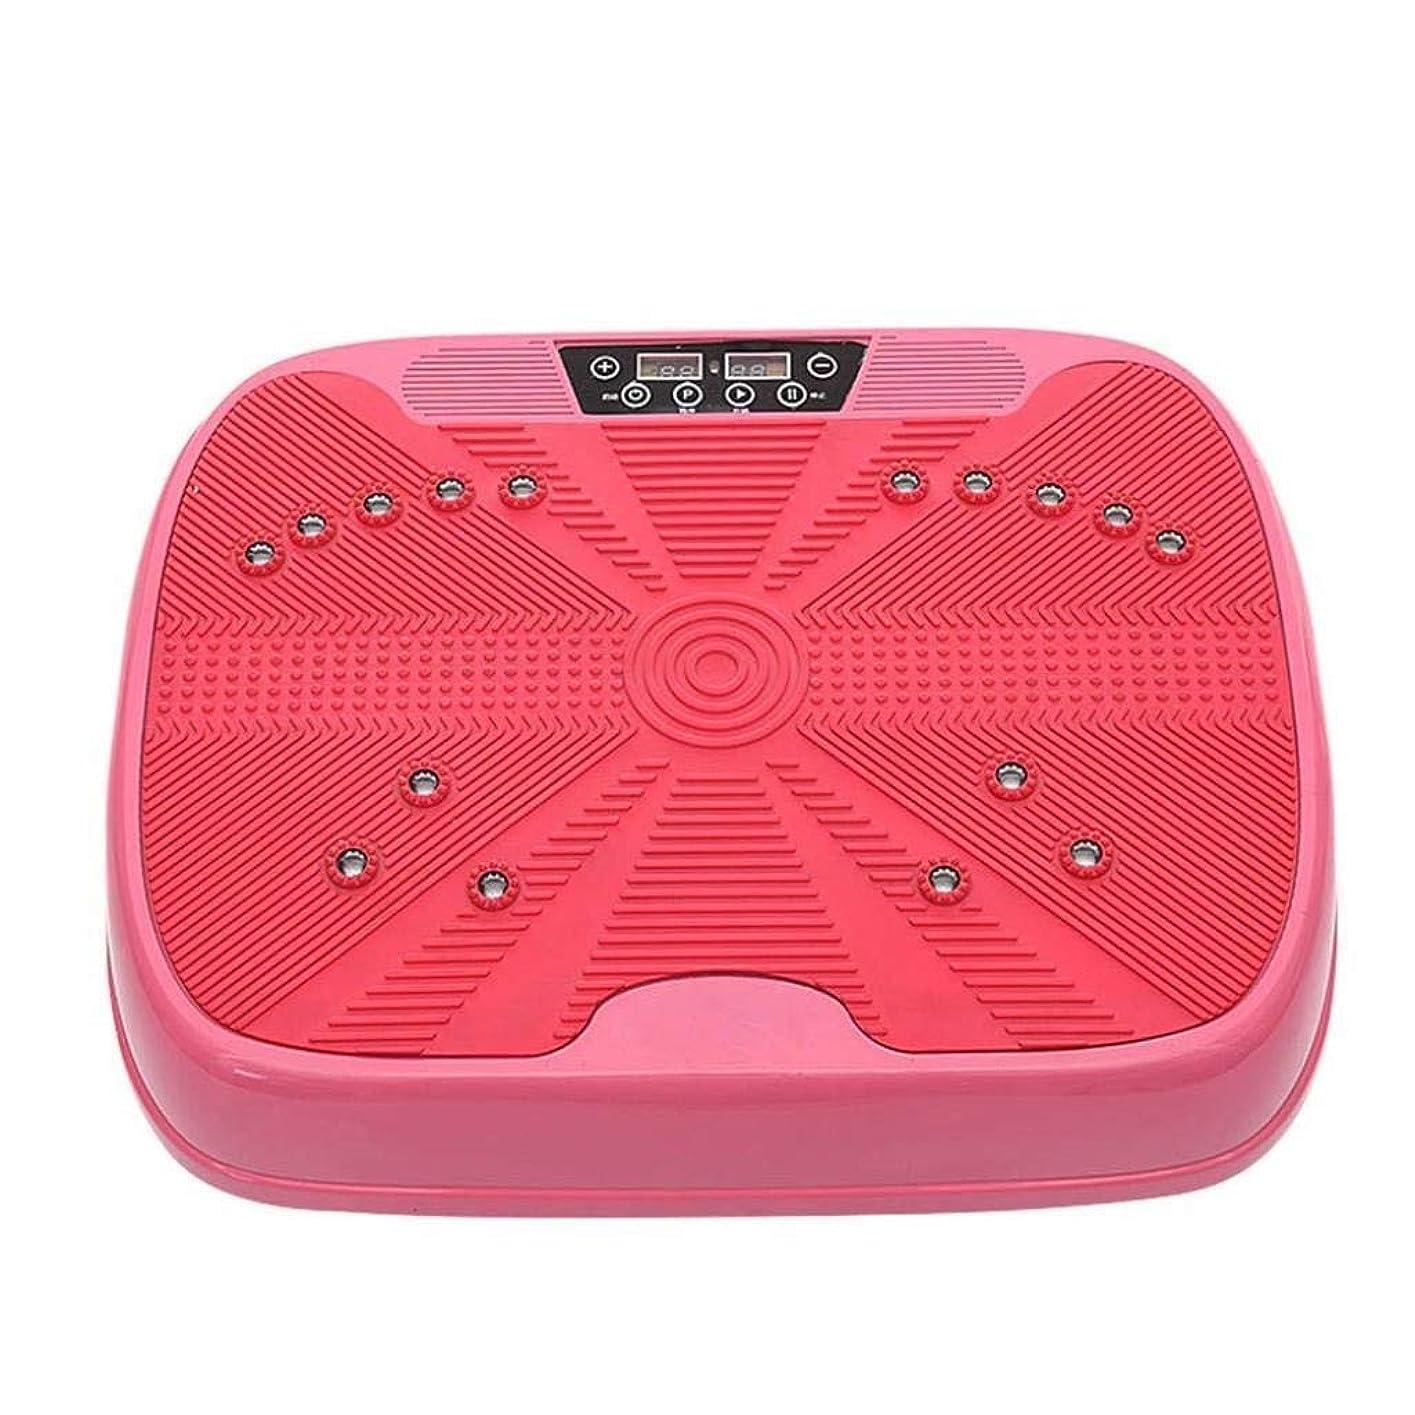 多年生変換後継減量機、ジム/ホームフィットネス振動パワーボード、多機能モードモーション振動トレーナー、99レベルのスピードジム減量(最大負荷120KG) (Color : ピンク)